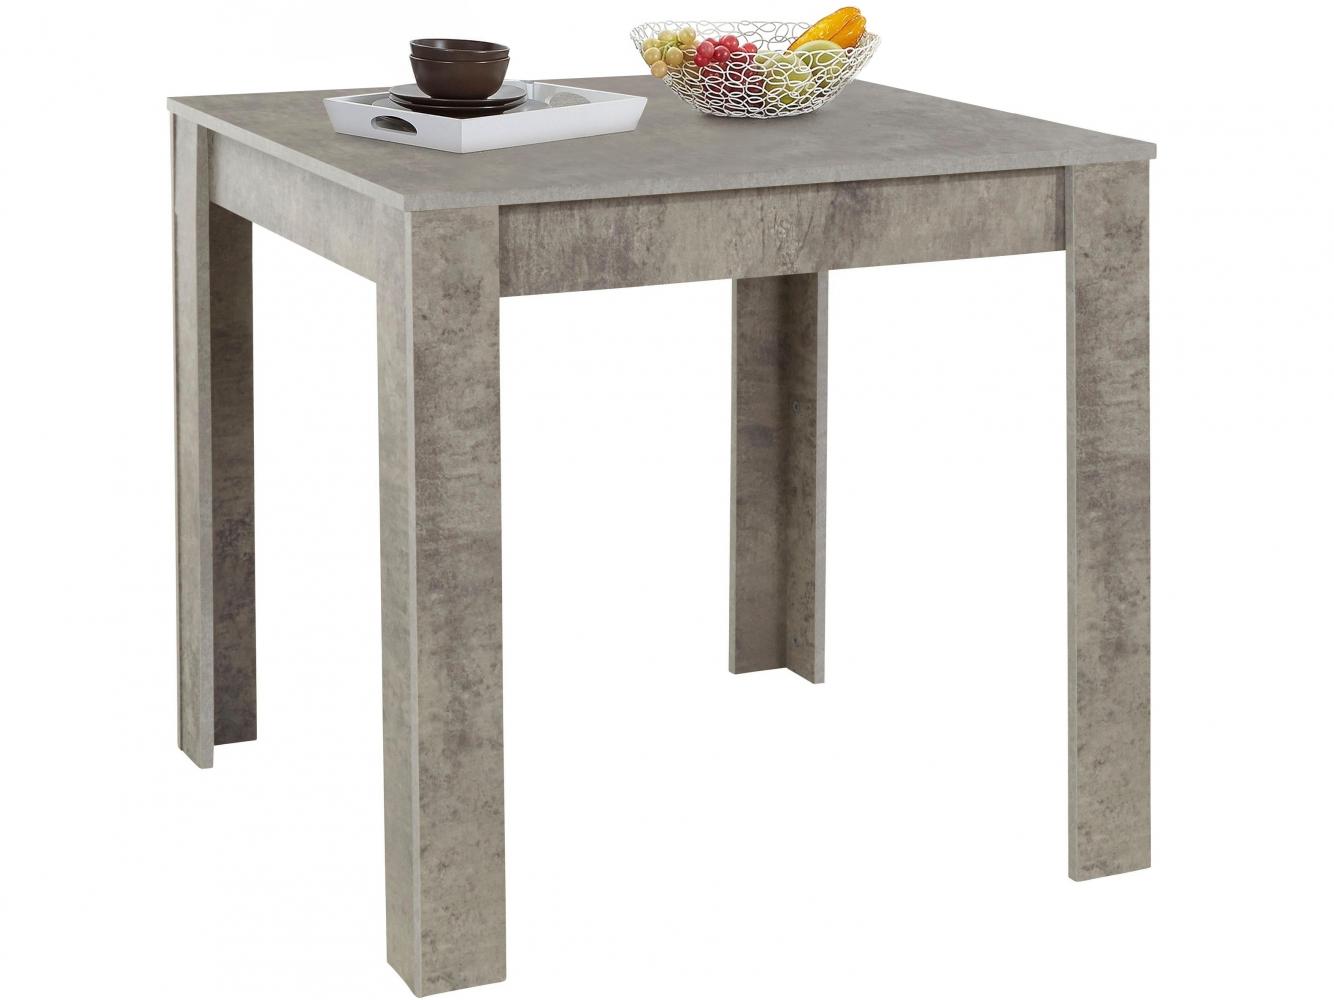 Jídelní stůl Lora II., 80 cm, pohledový beton